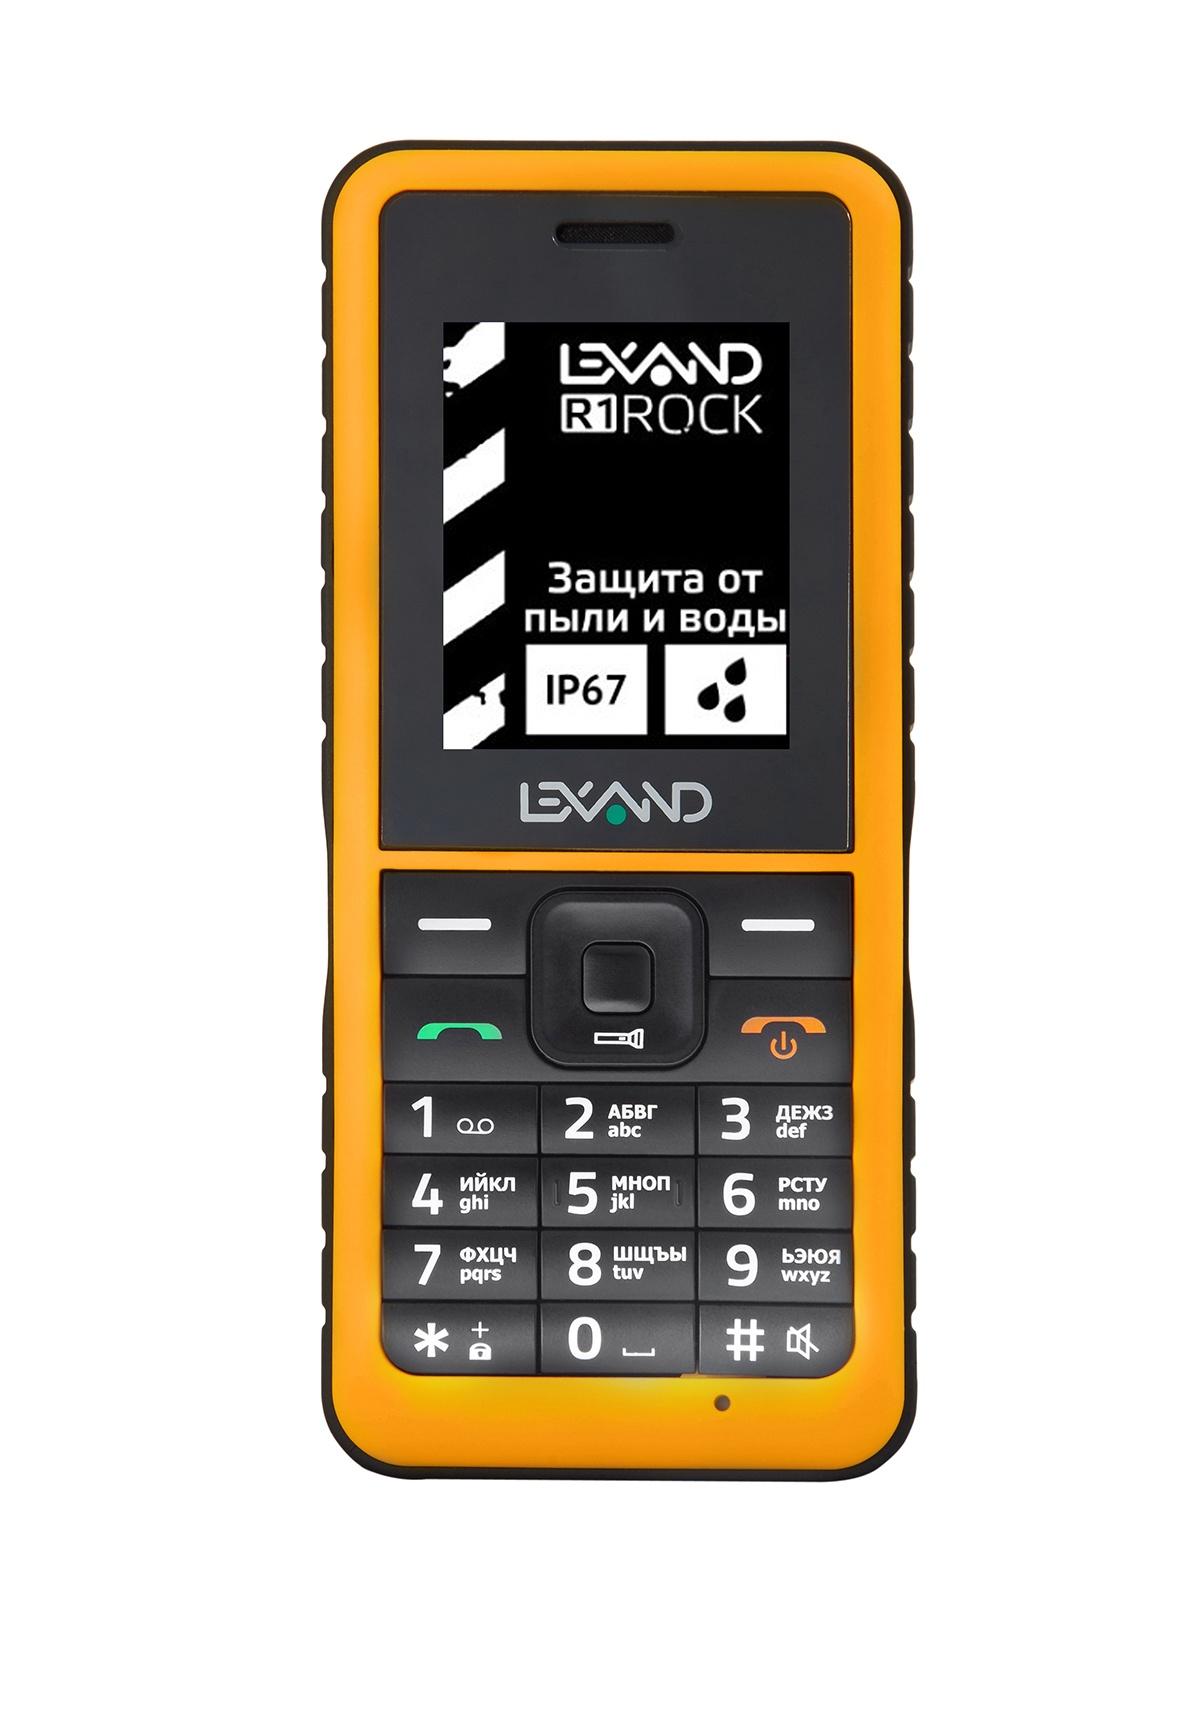 Мобильный телефон Lexand R1 ROCK мобильный телефон lexand r1 rock черный